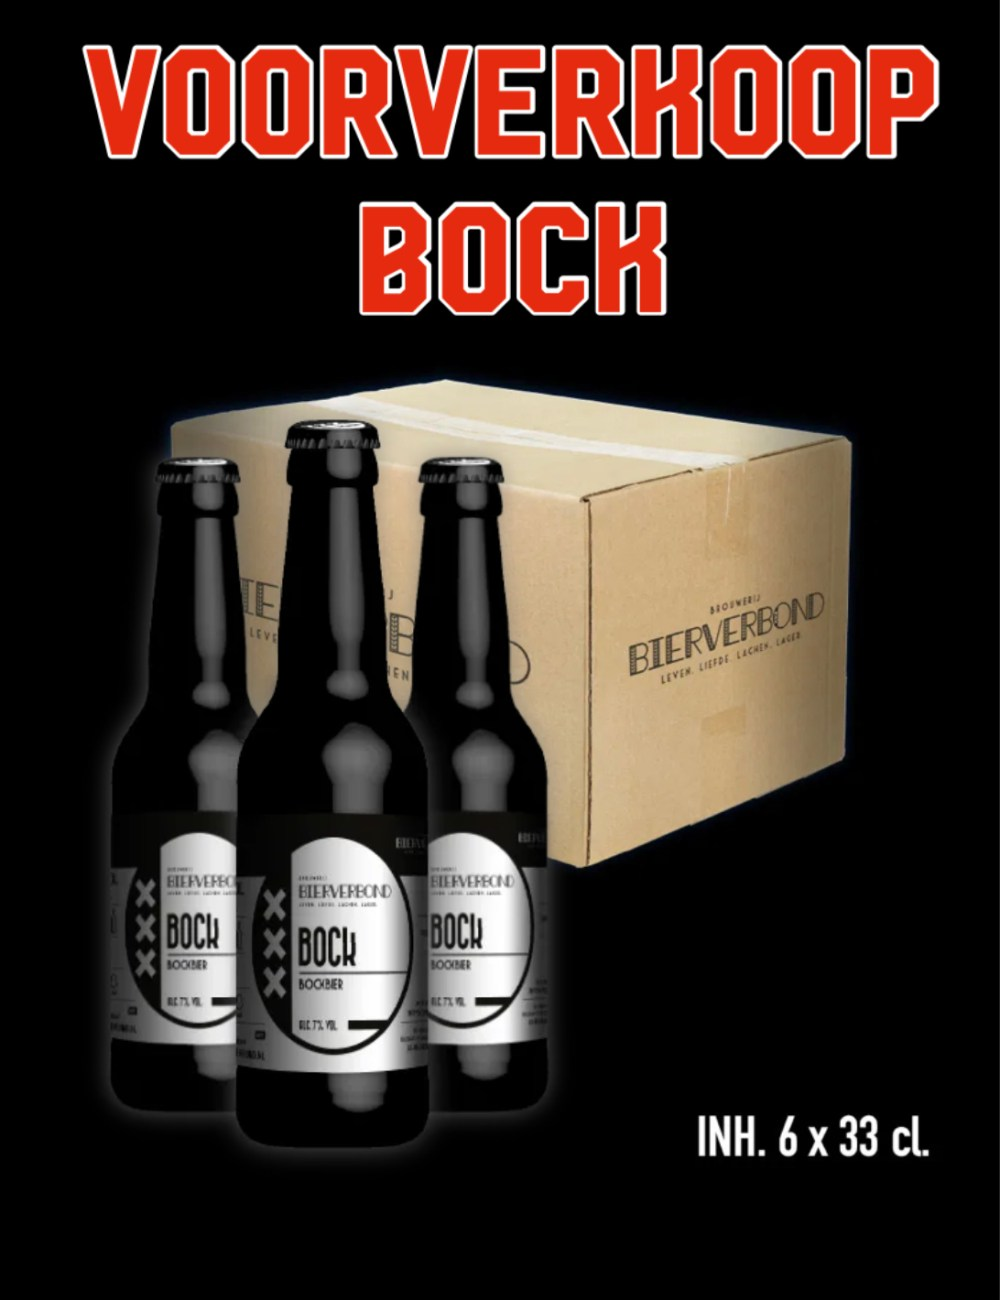 6 bottles bock